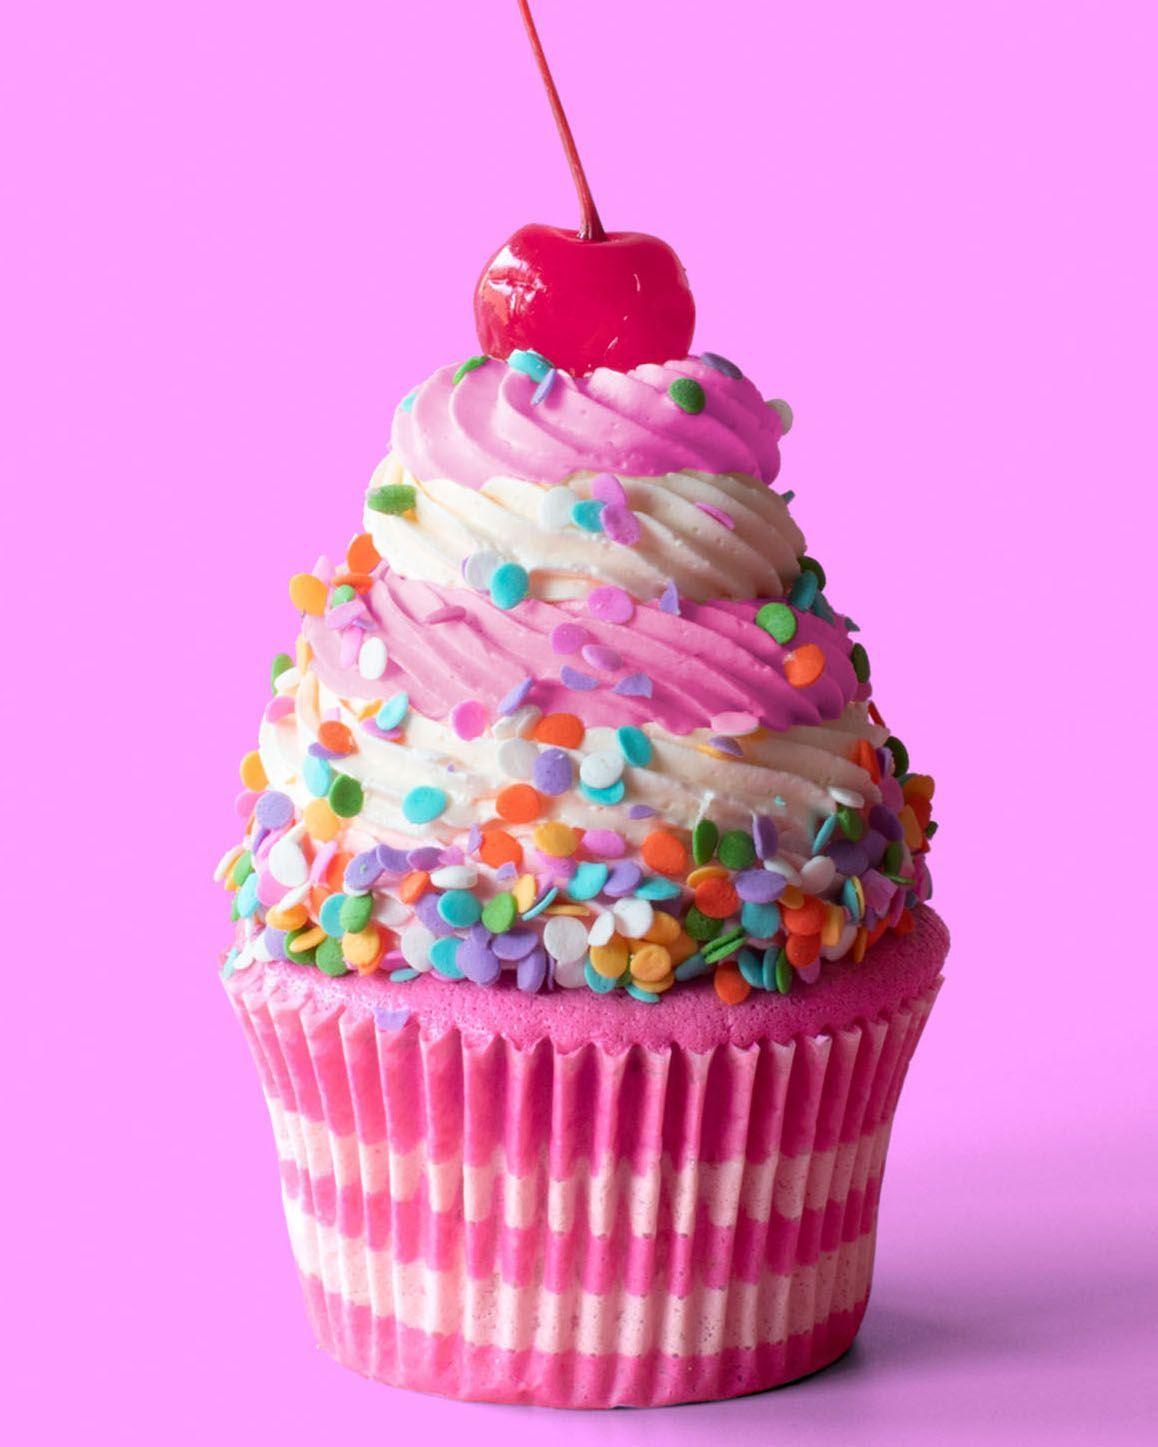 Erdbeer-Geburtstagskuchen-Cupcakes - #birthdaycakes #cake #cakewedding #ErdbeerGeburtstagskuchenCupcakes #GesundesEssen #herzhafte #kuchenrezepte #leckerekuchen #nudelgerichte #vintagecake #waskocheichheute